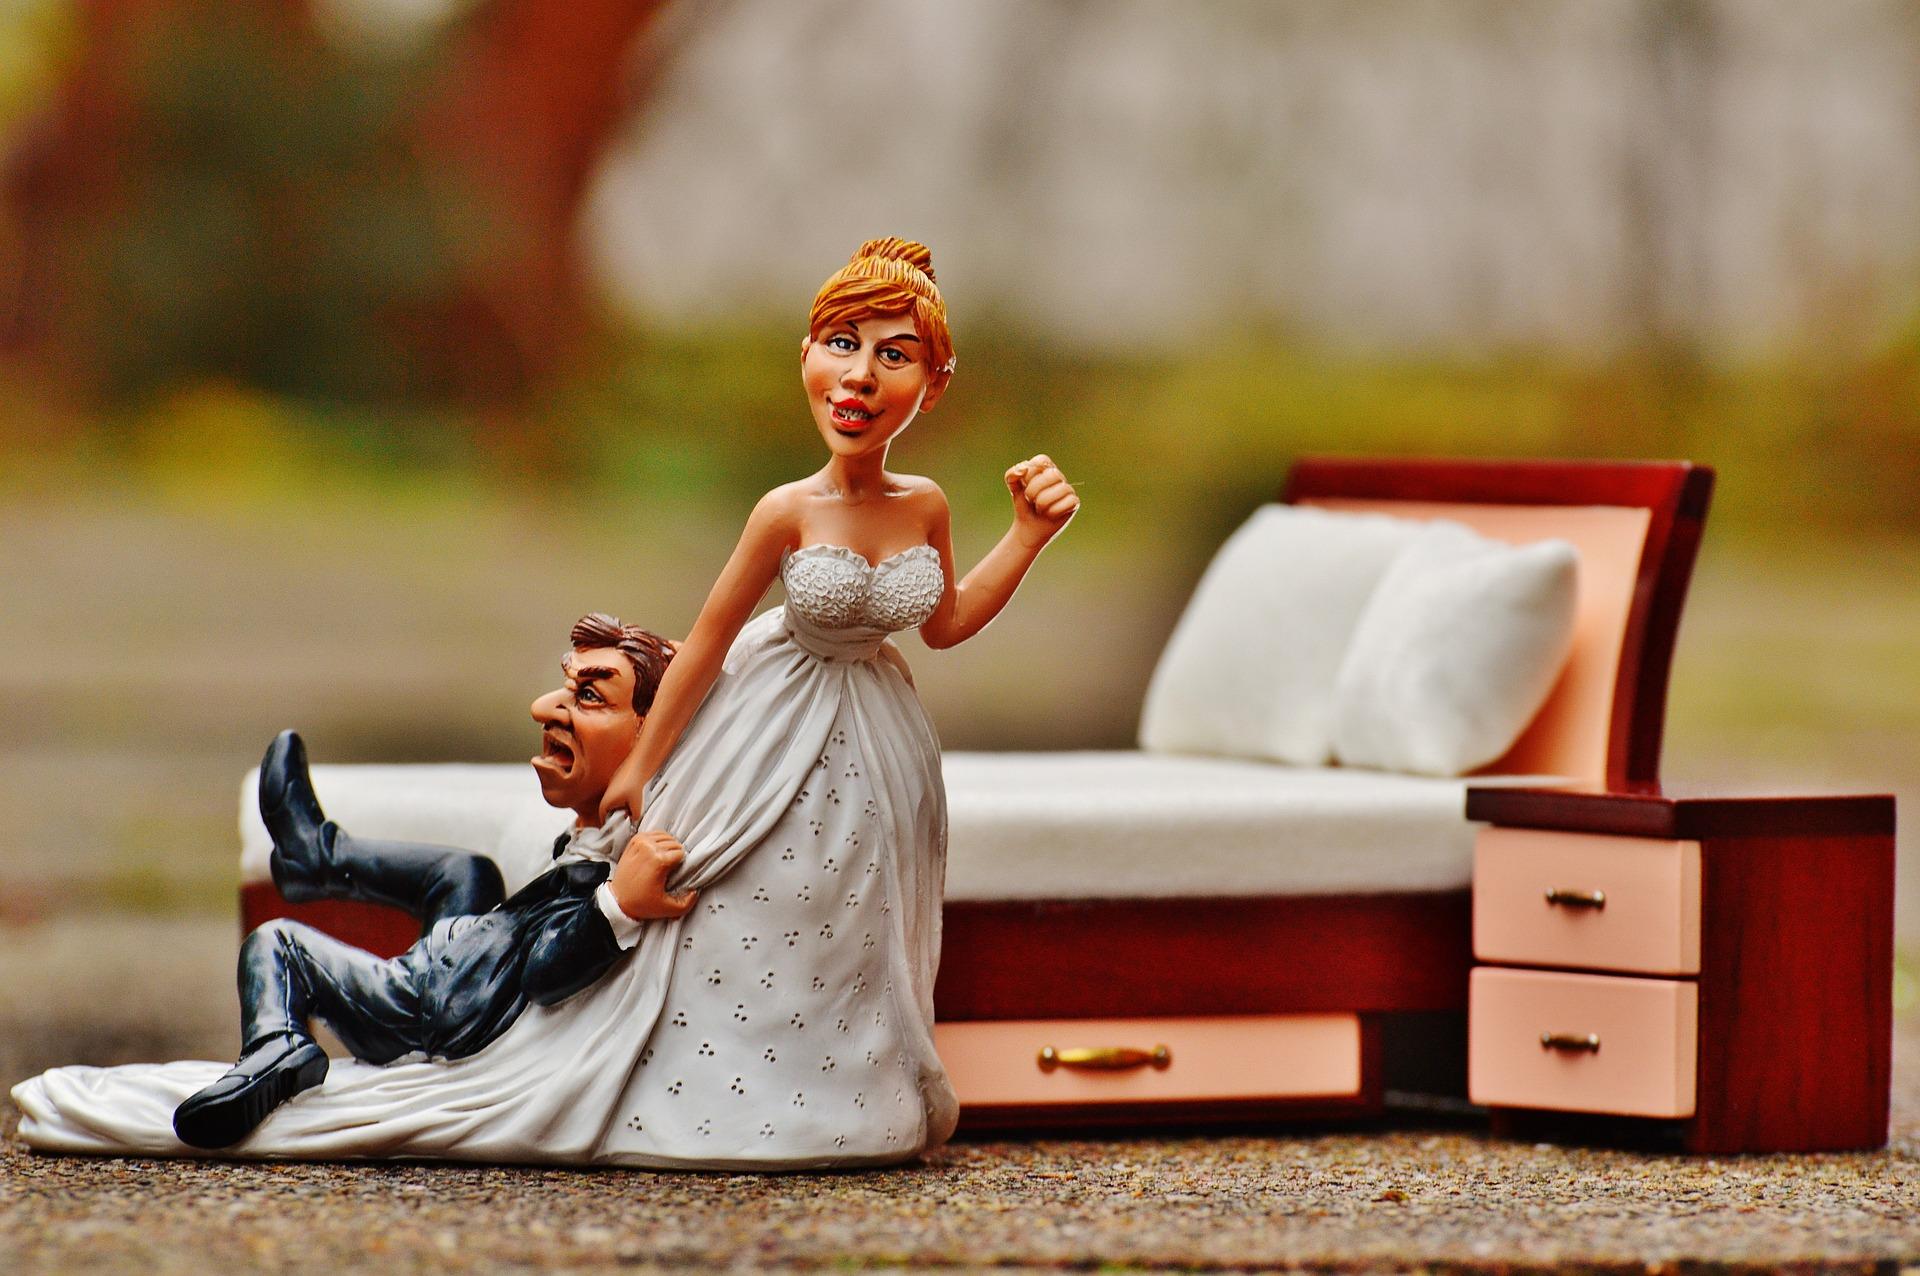 鶯谷に結婚相談所はない!?探していた人に朗報です!